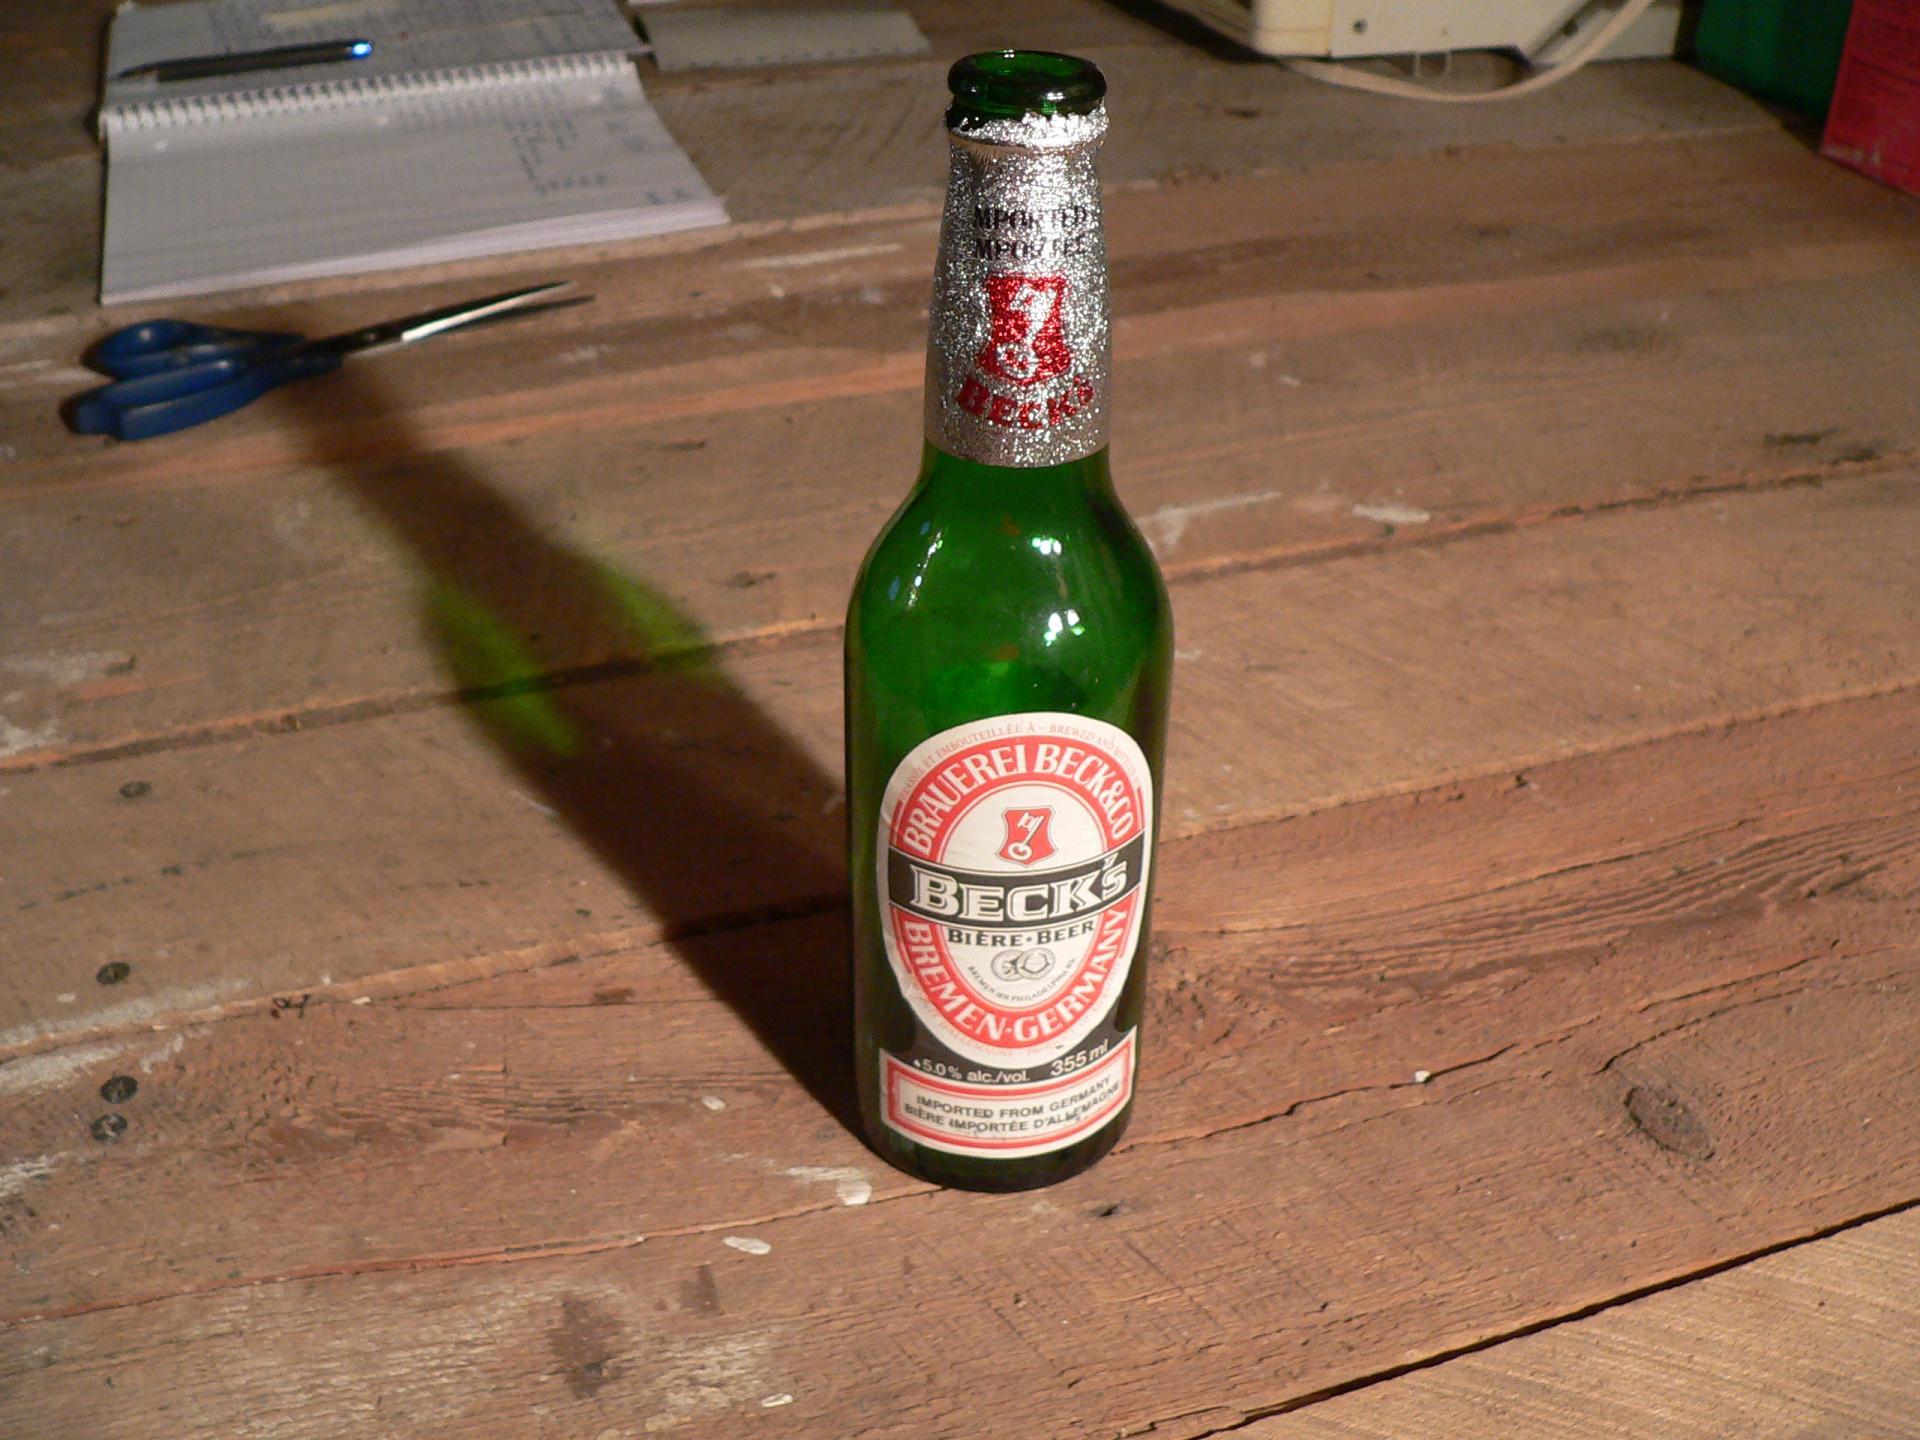 Bière beck's # 4739.15